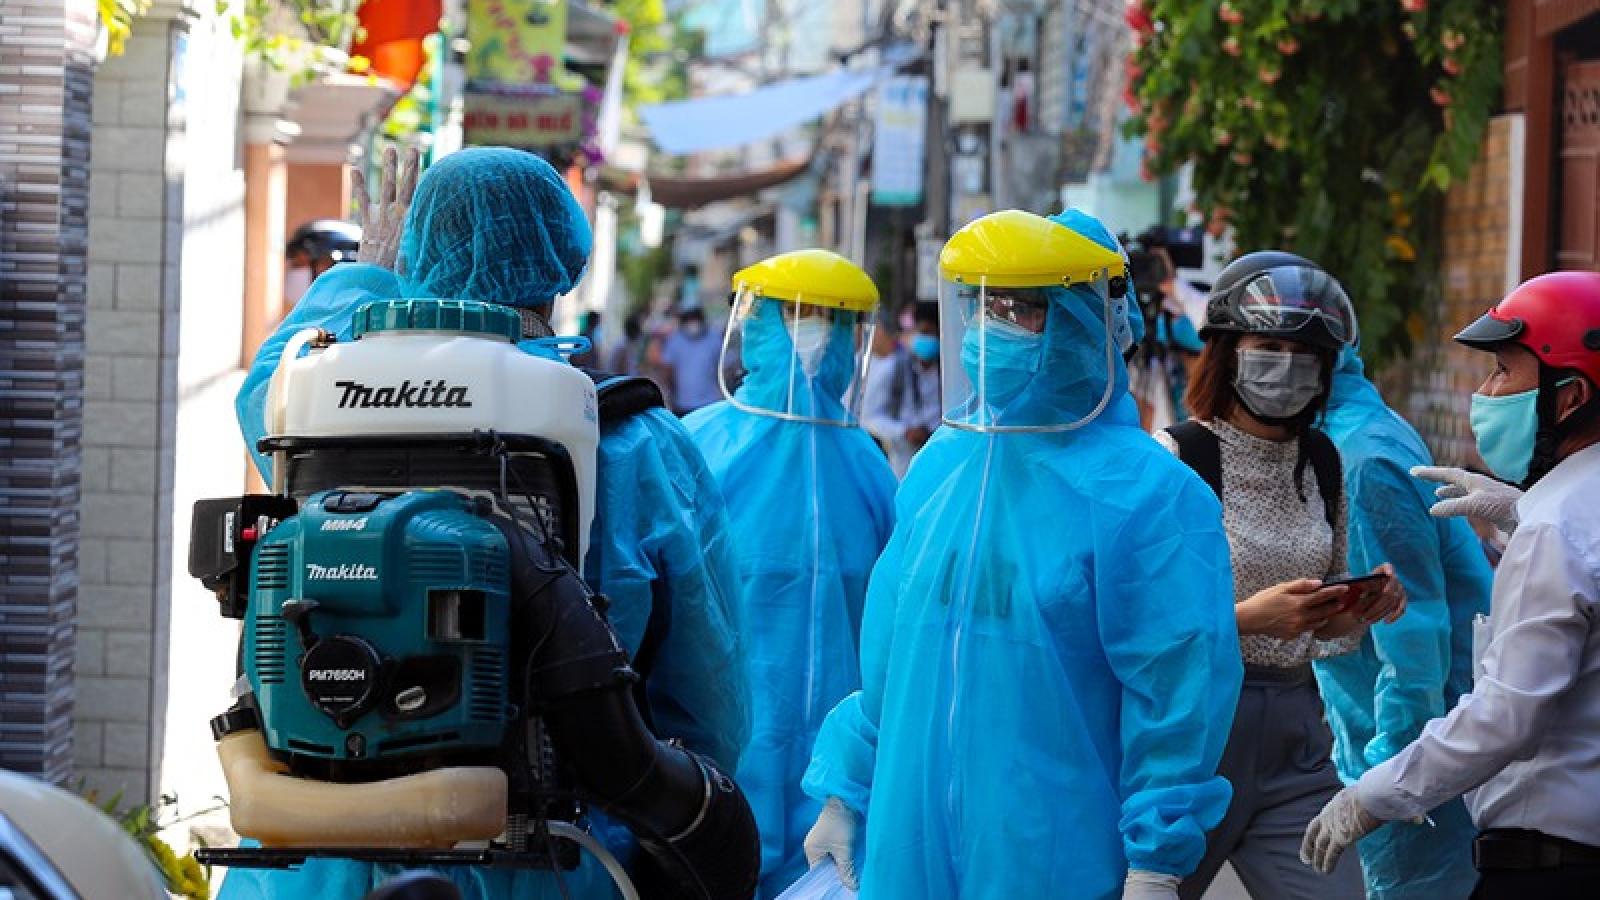 Người từ Đà Nẵng đến các tỉnh thành khác có phải khai báo y tế không?